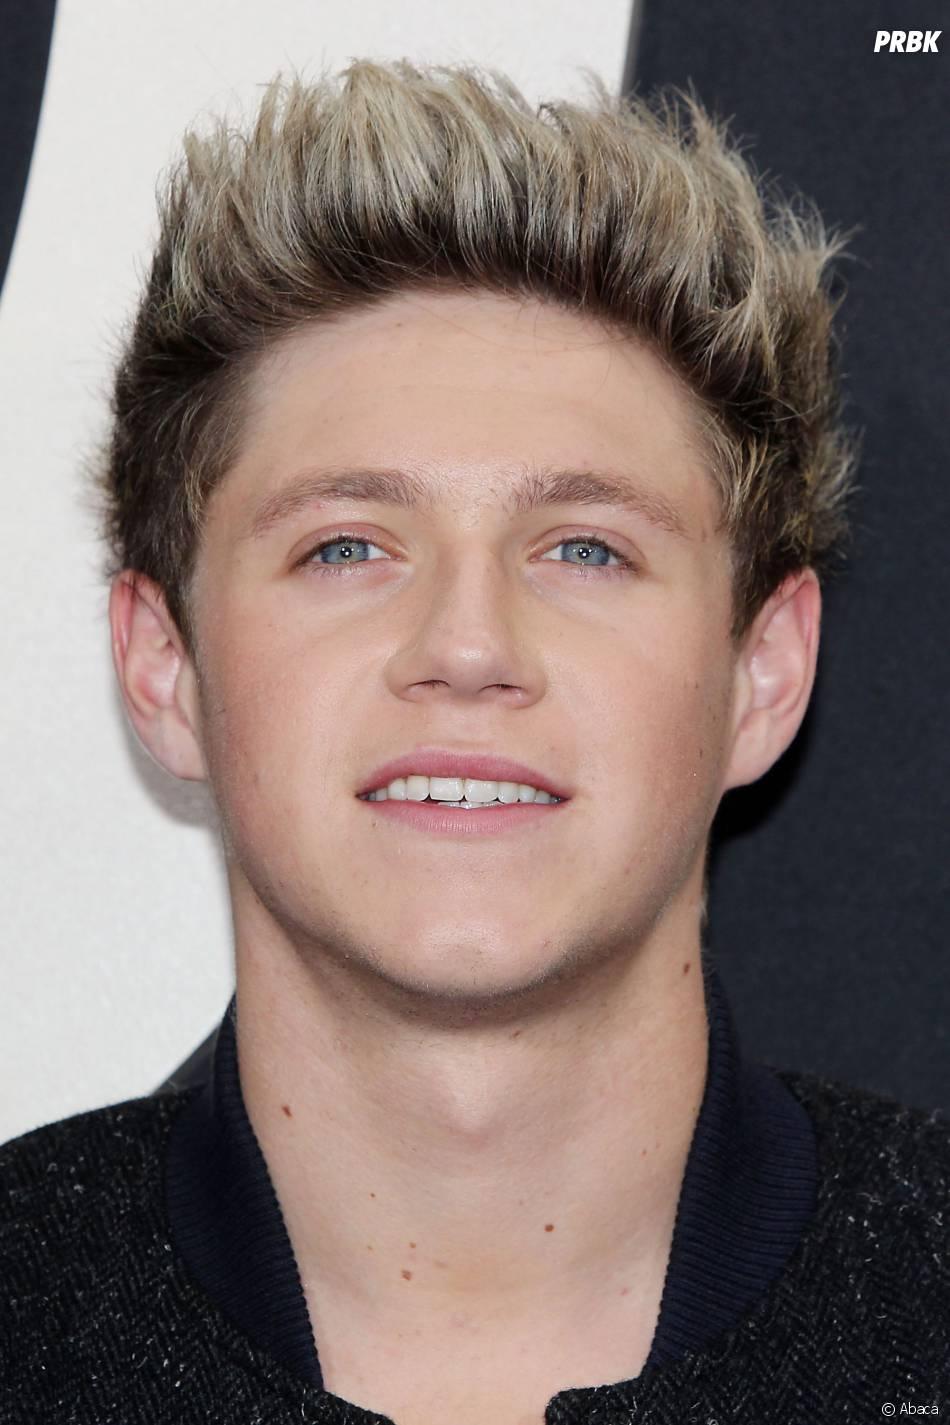 Niall Horan à l'avant-première du film des One Direction This is Us à New York le 26 août 2013